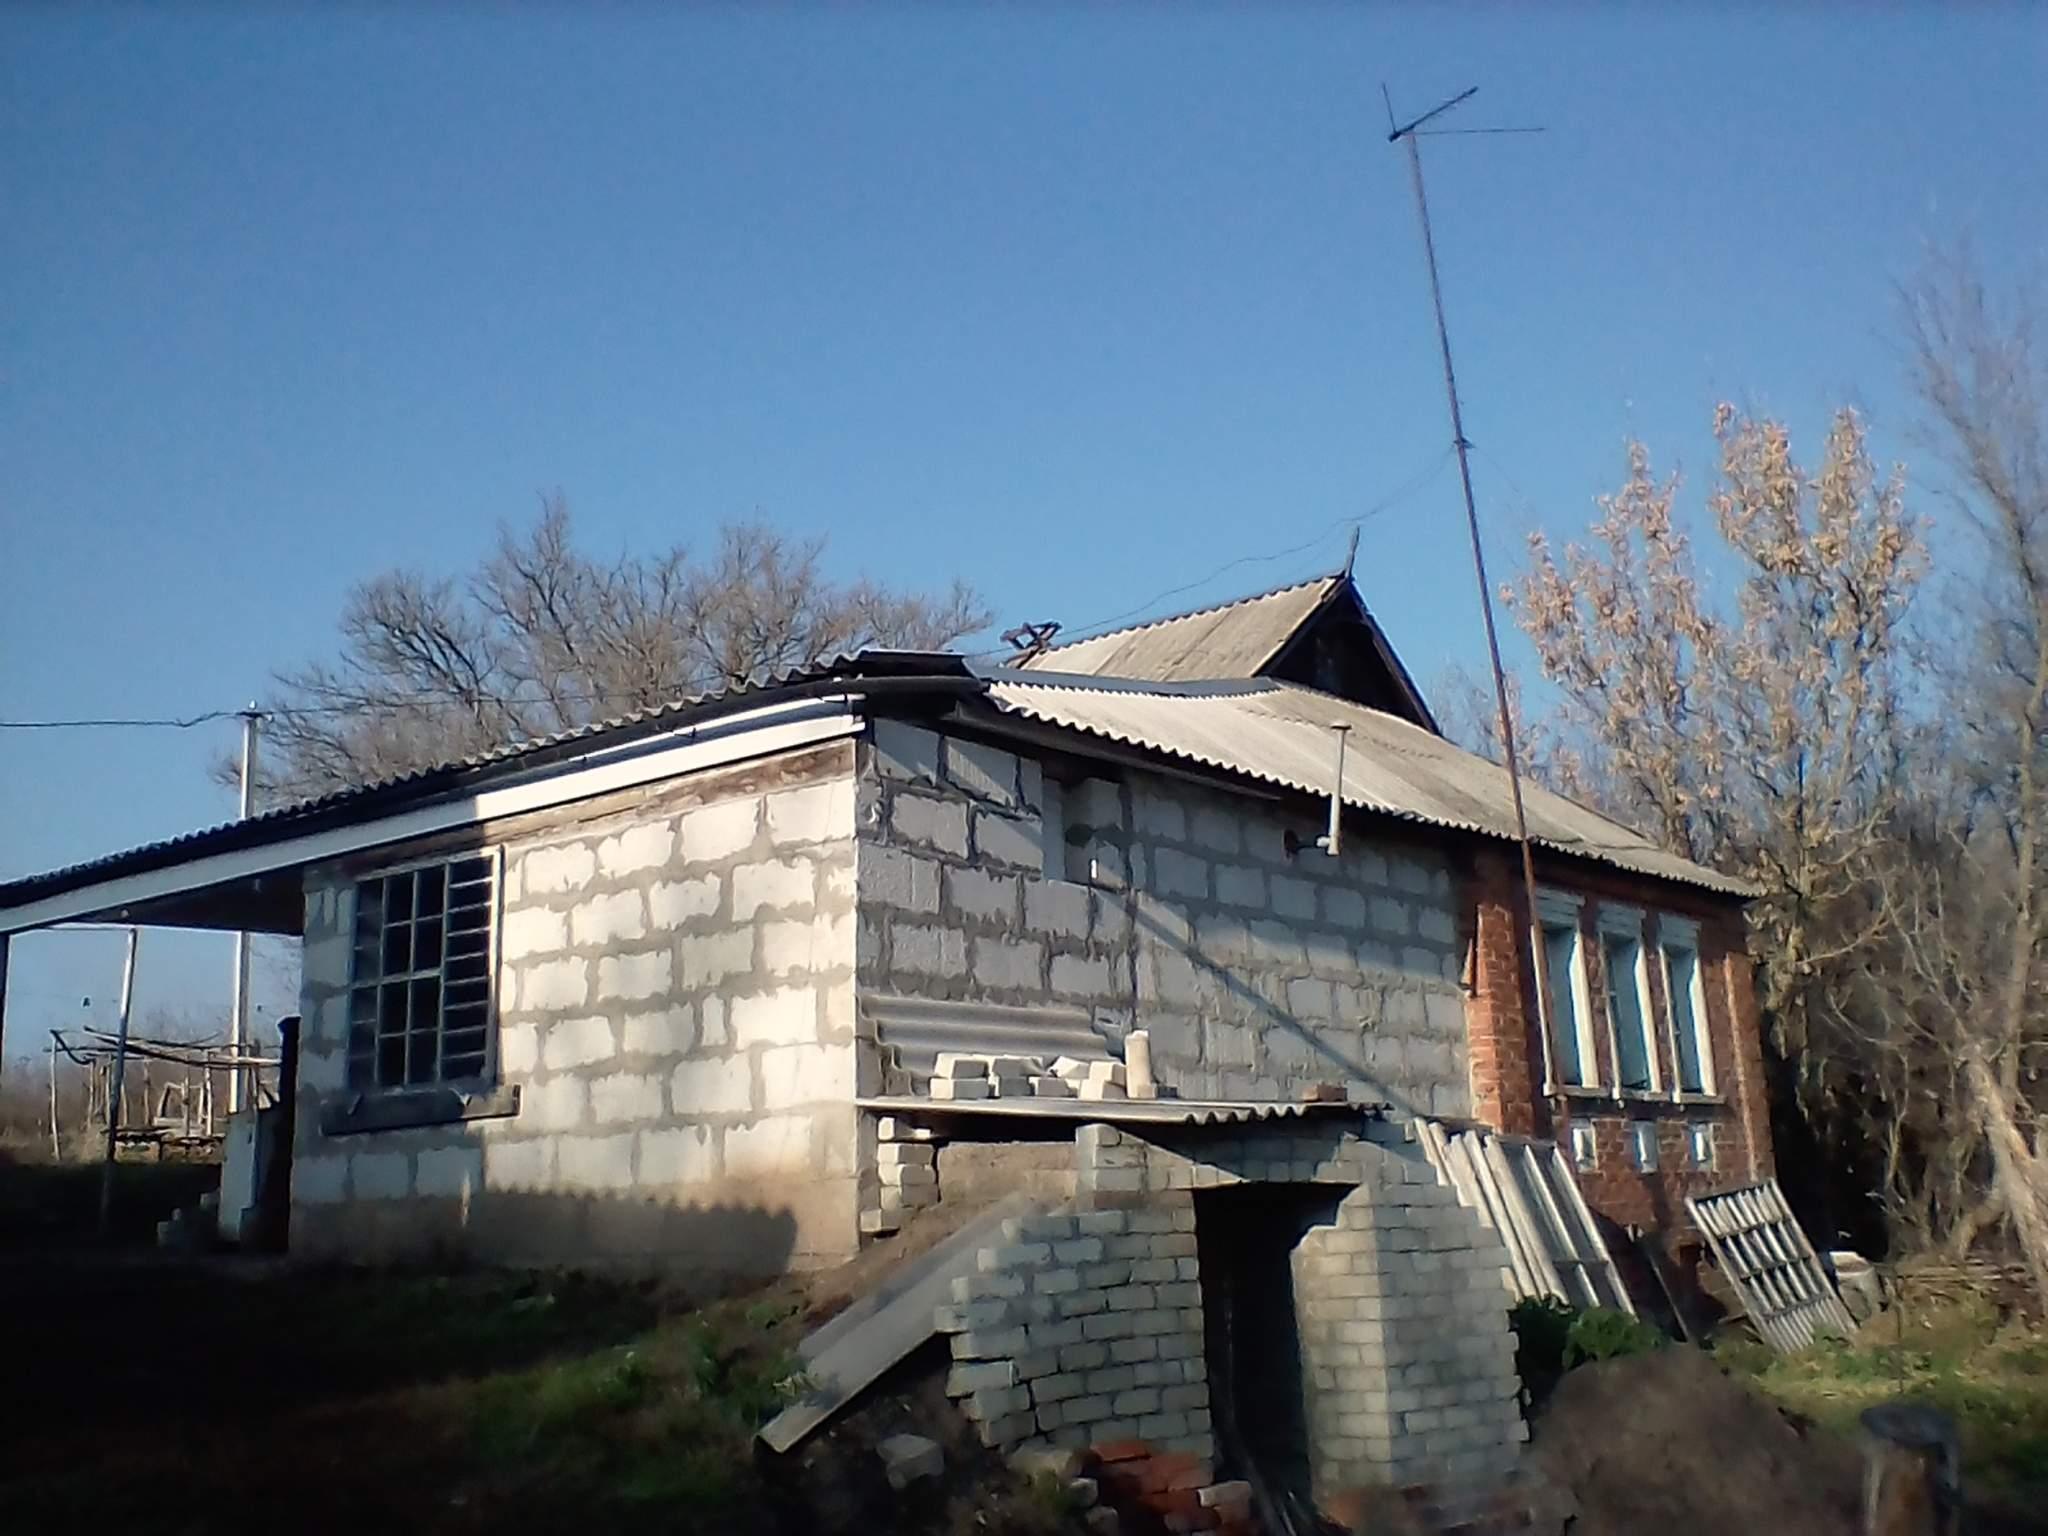 Дом на продажу по адресу Россия, Белгородская обл, Ракитянский р-н, село Дмитриевка, Городок улица